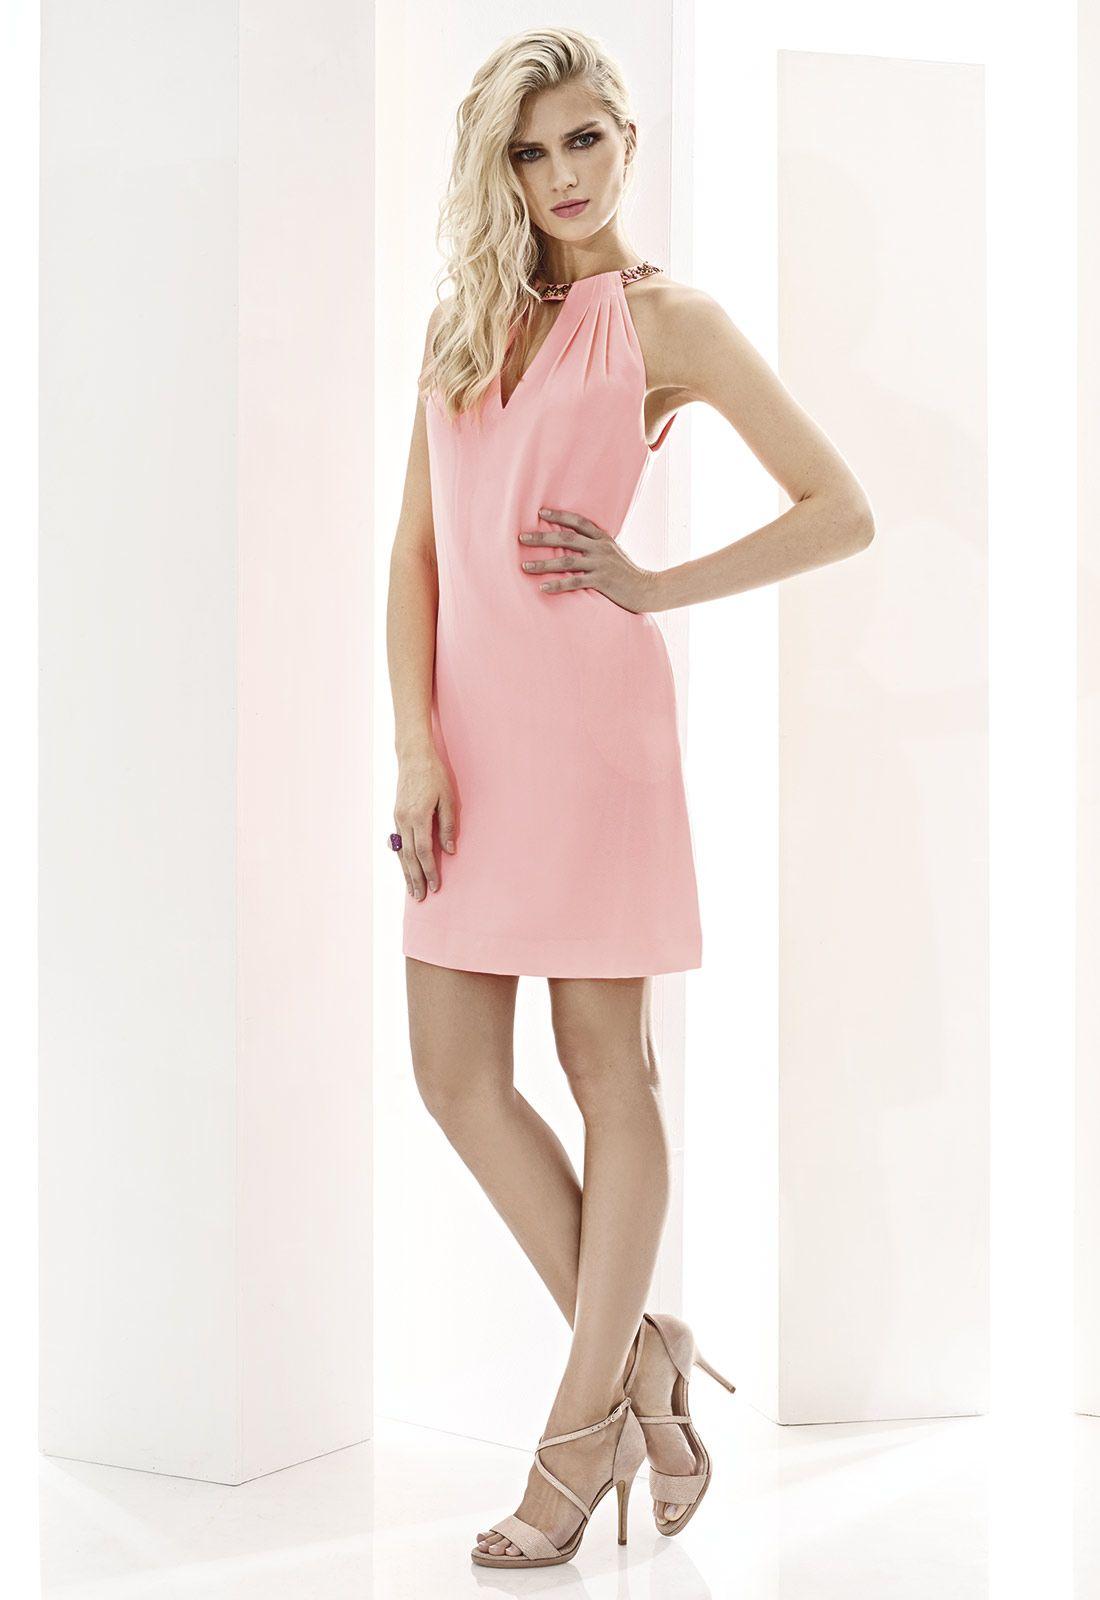 CABOTINE ESSENTIAL 07465 Vestido corto en crepé con escote halter y ...